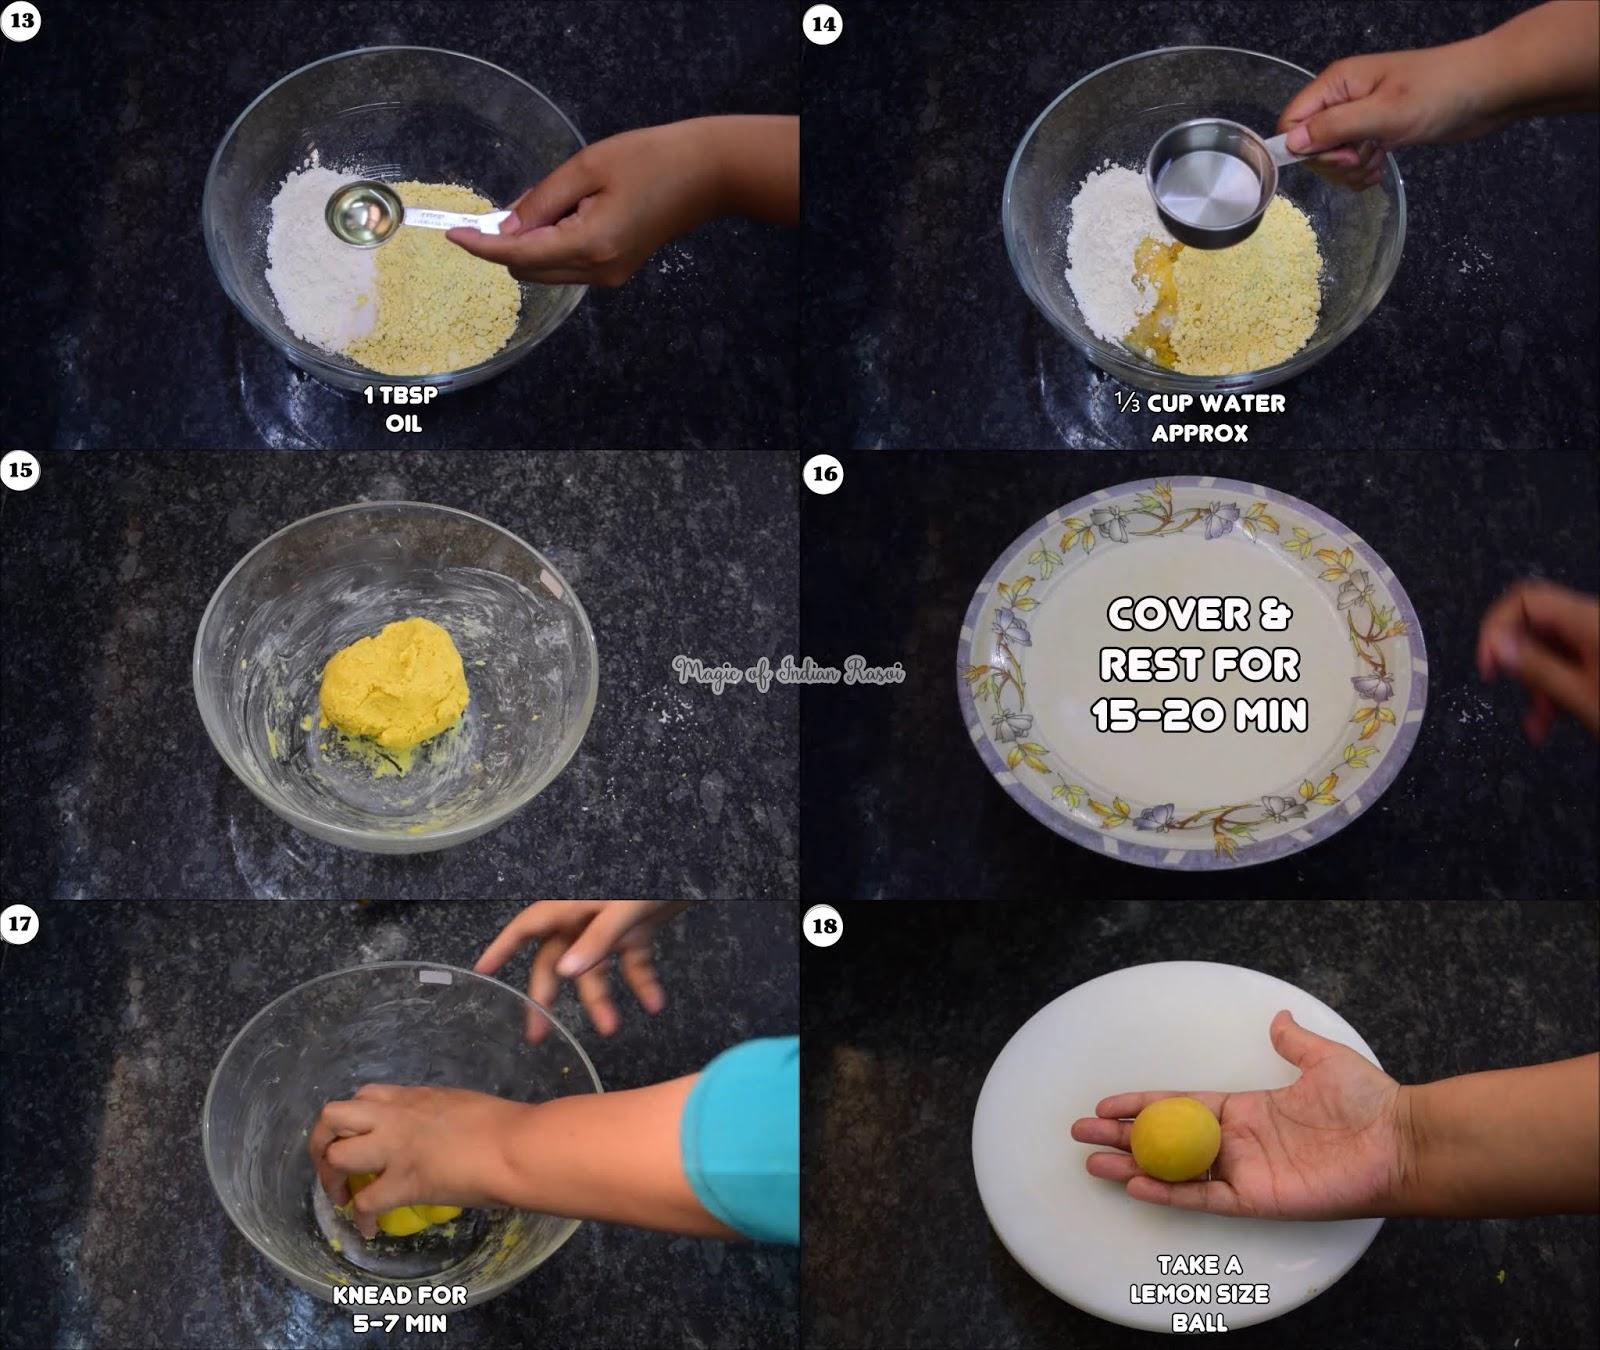 Gujarati Chorafali (Diwali Special) Recipe - चोराफली (गुजराती नाश्ता) रेसिपी - Priya R - Magic of Indian Rasoi